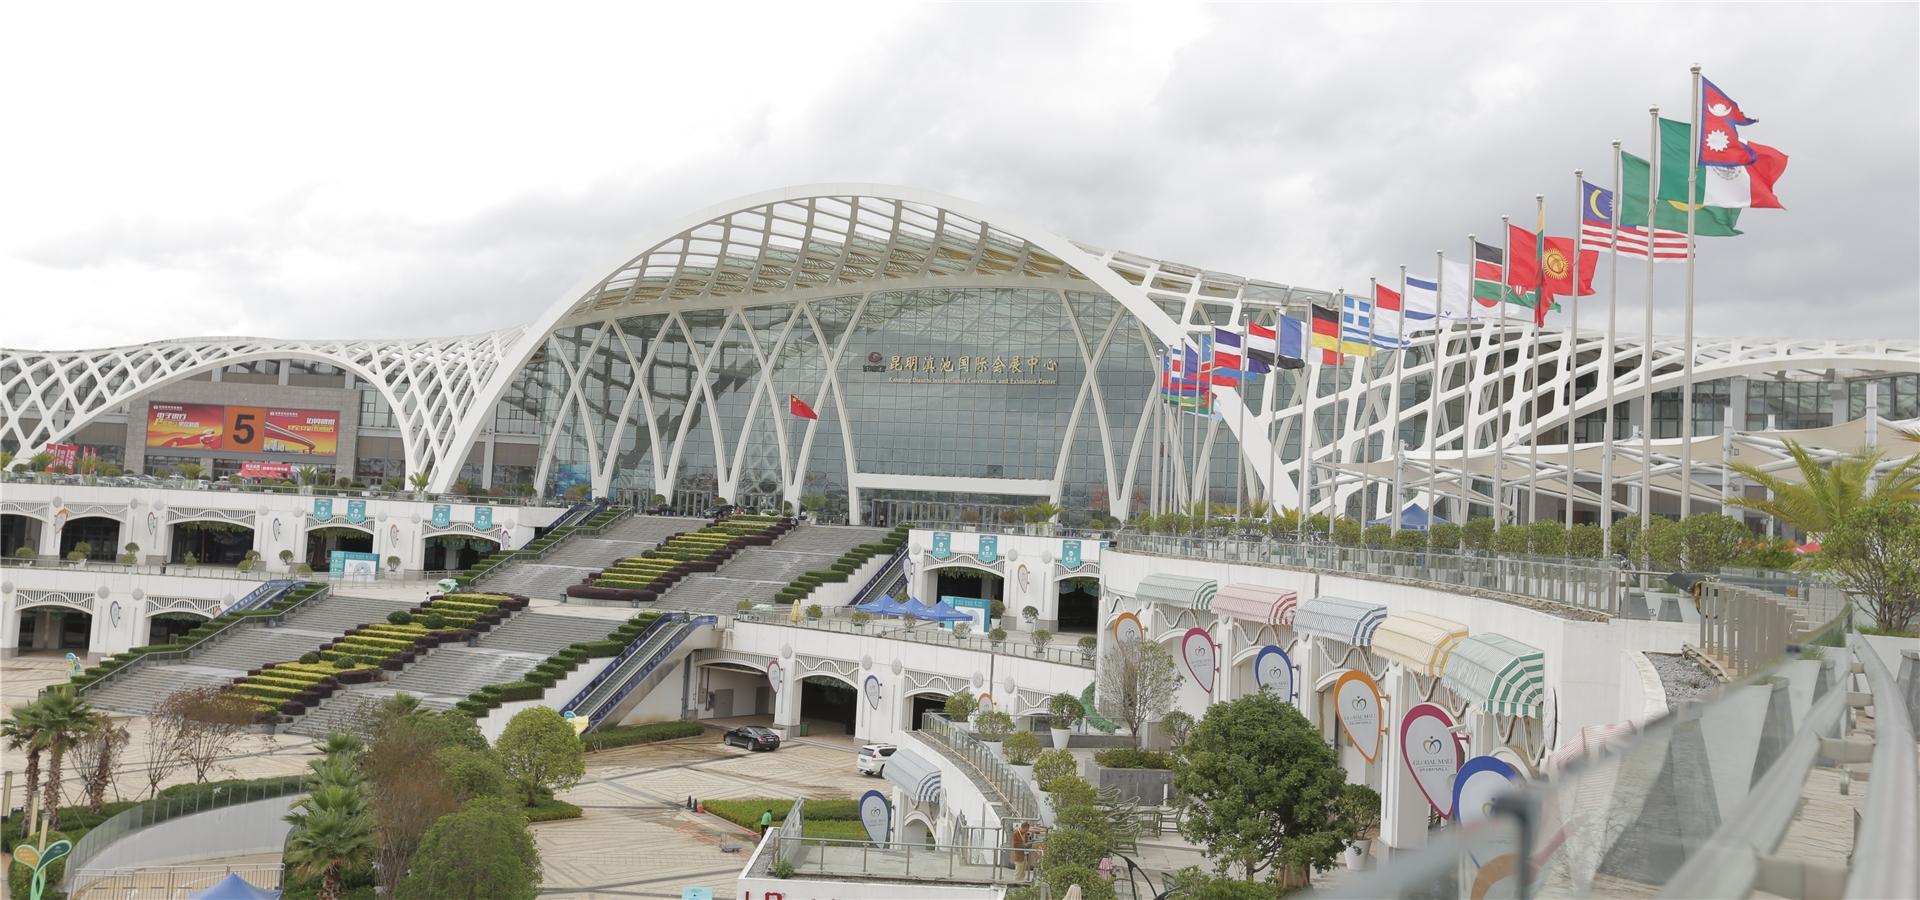 滇池國際會展中心